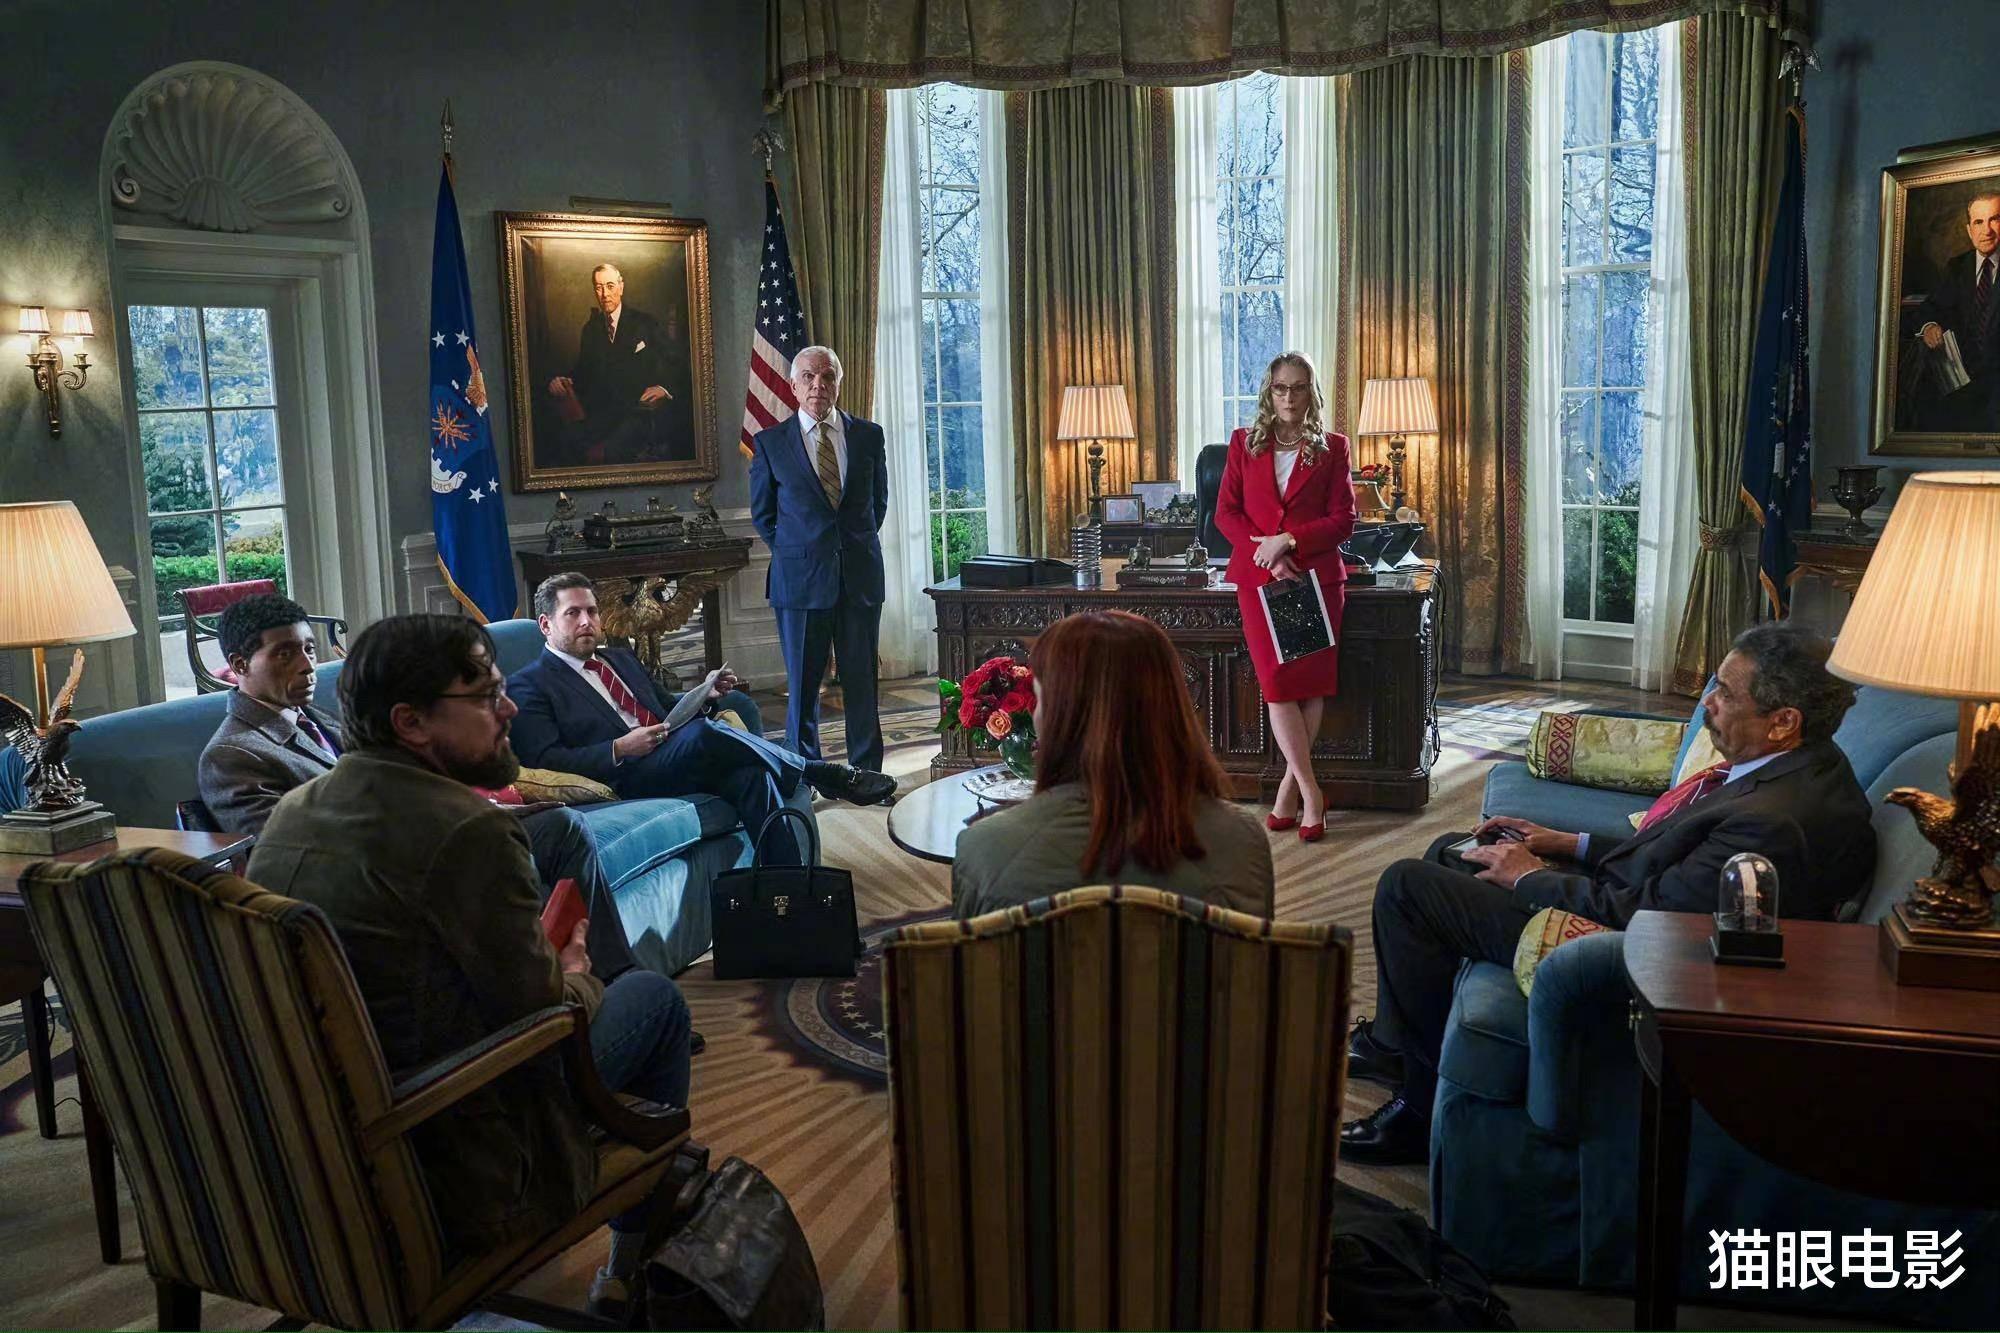 萧的新电影很强!4位奥斯卡大赢家齐聚一堂 美国团队决定出演这一角色 但对其保密